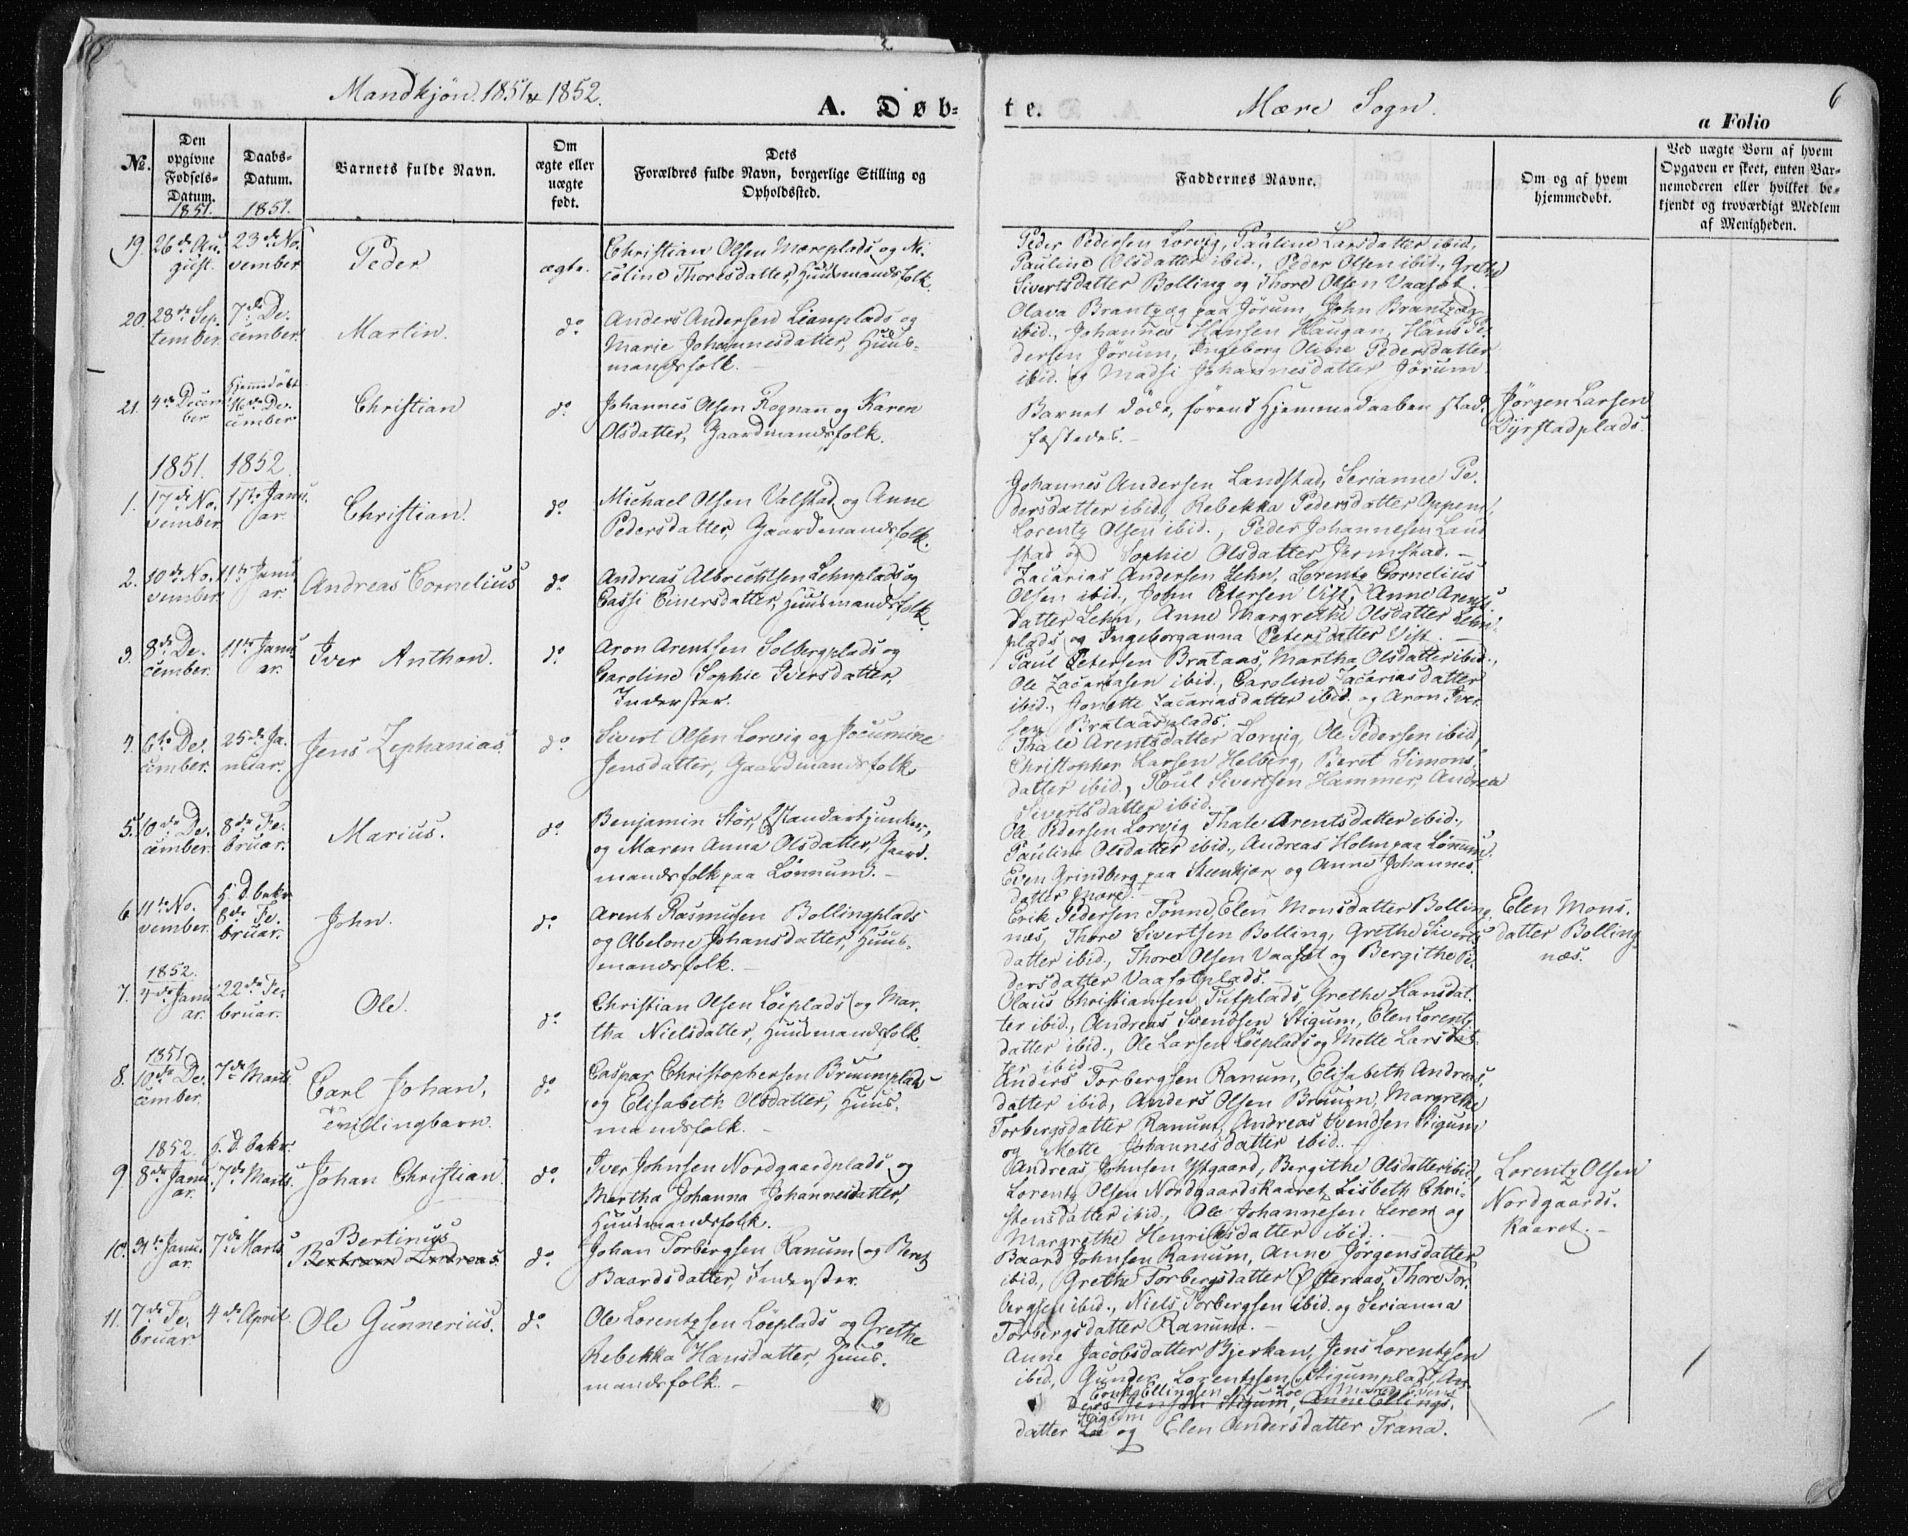 SAT, Ministerialprotokoller, klokkerbøker og fødselsregistre - Nord-Trøndelag, 735/L0342: Ministerialbok nr. 735A07 /1, 1849-1862, s. 6